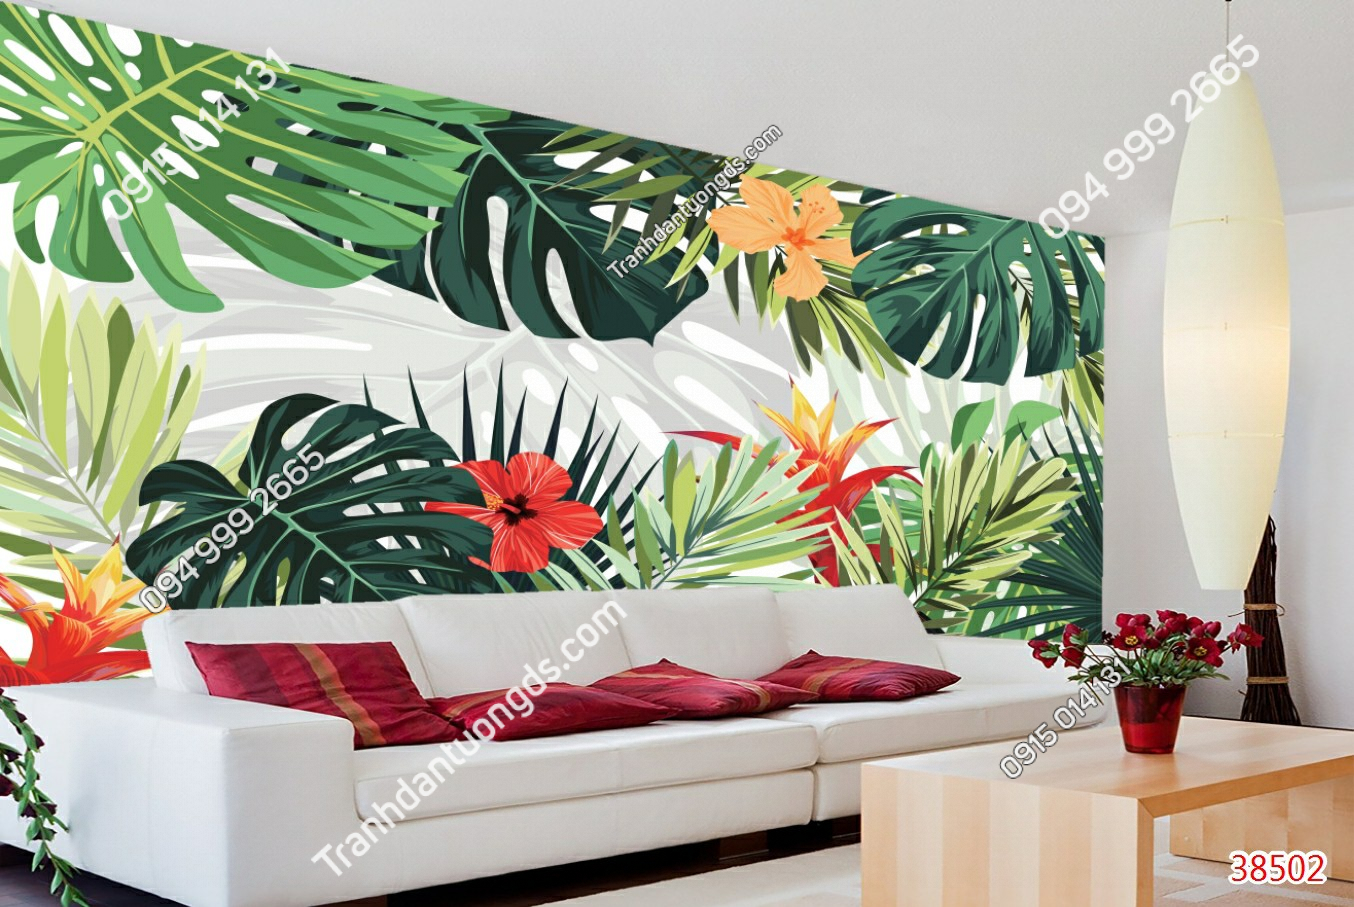 Tranh dán tường lá cây nhiệt đới sau sofa 38502 demo1